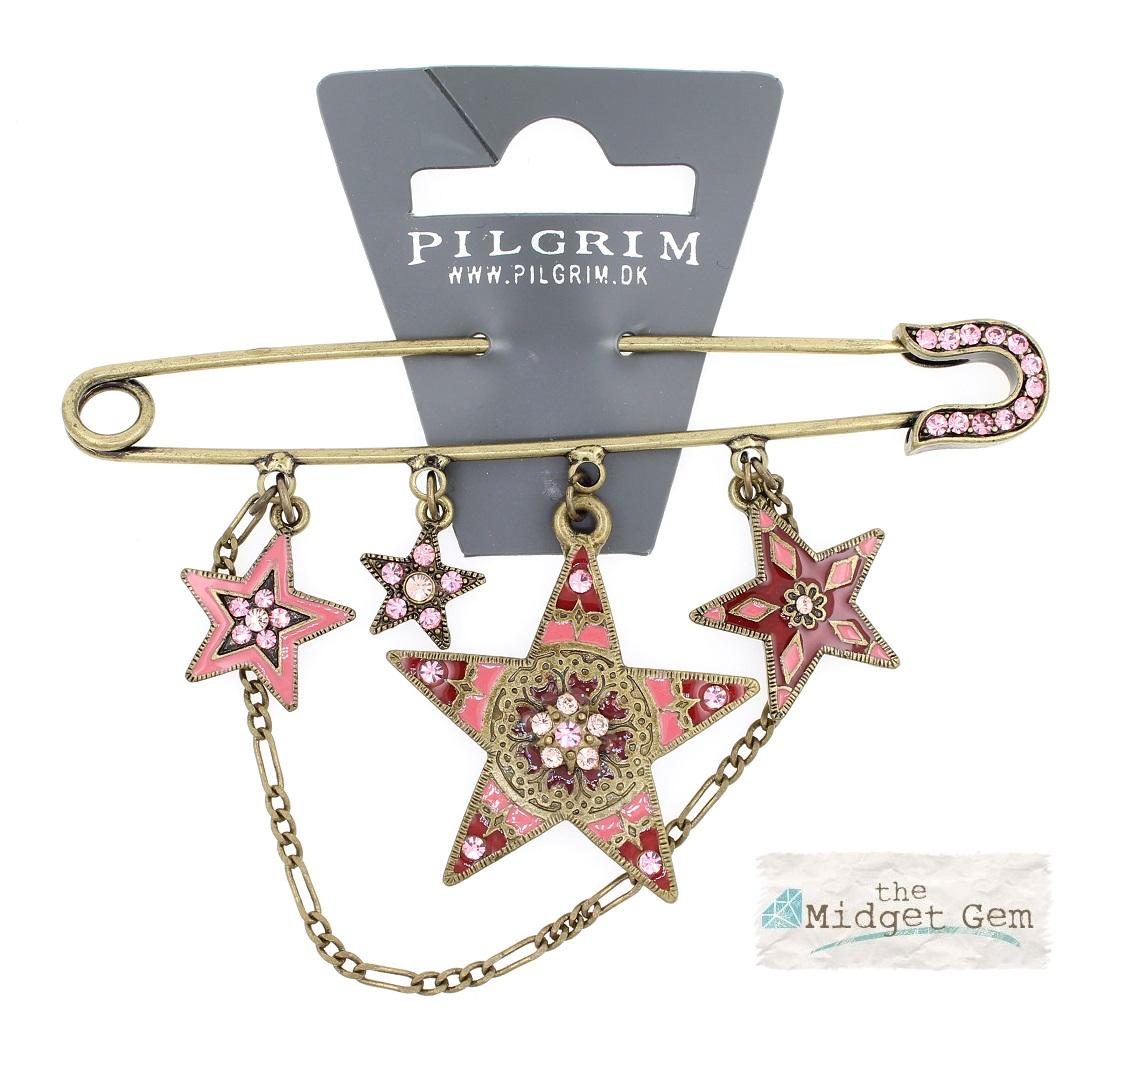 PILGRIM - STARS - Kilt Pin Brooch - Gold/Pink Swarovski BNWT